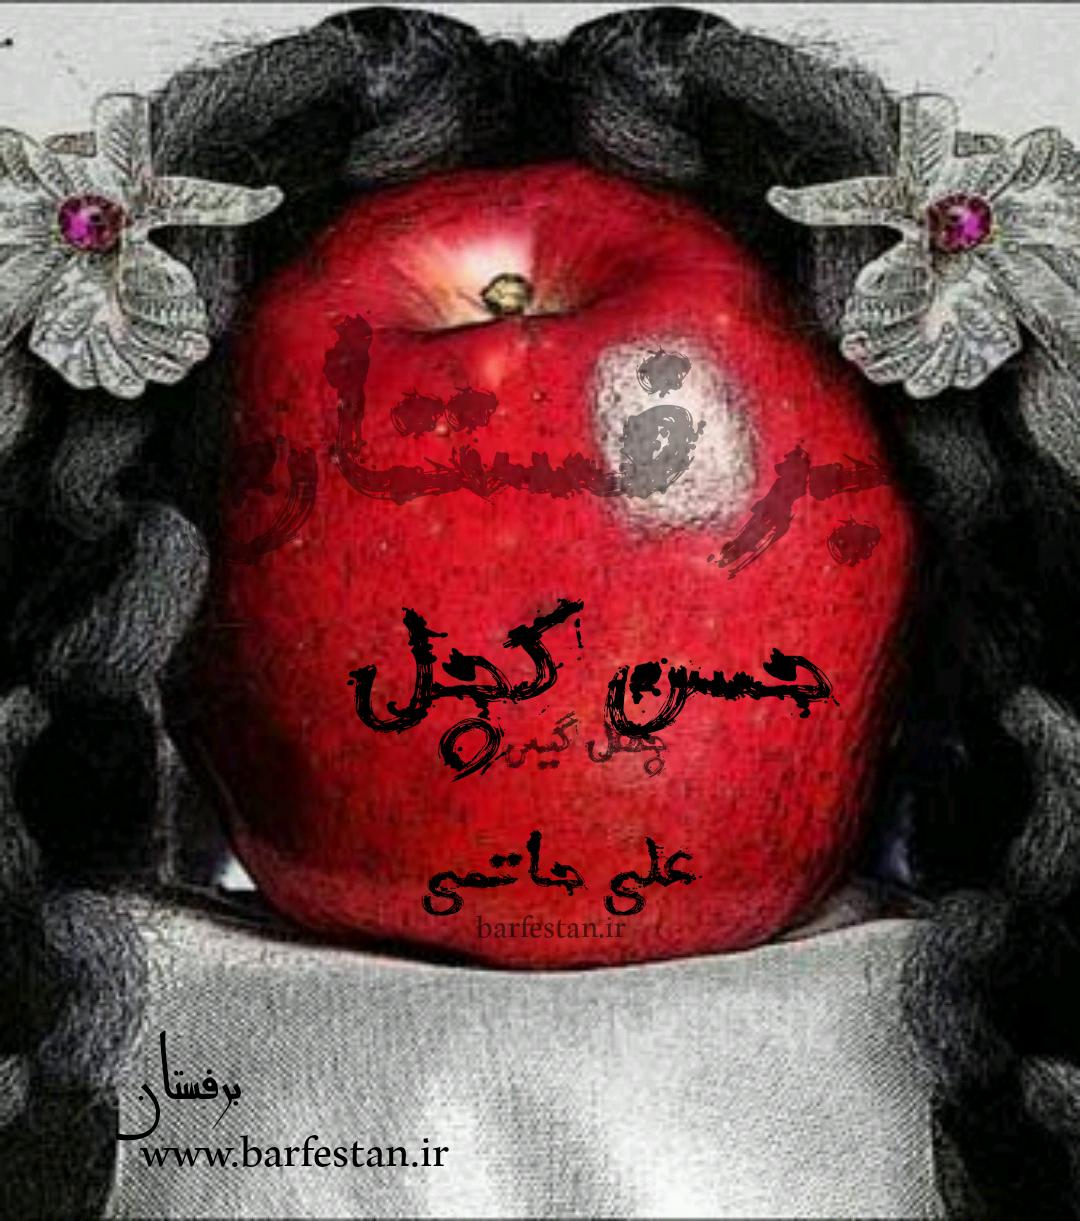 برفستان؛گذری بر نمایشنامه ها و فیلم نامه ها(قسمت ششم)حسن کچل،علی حاتمی